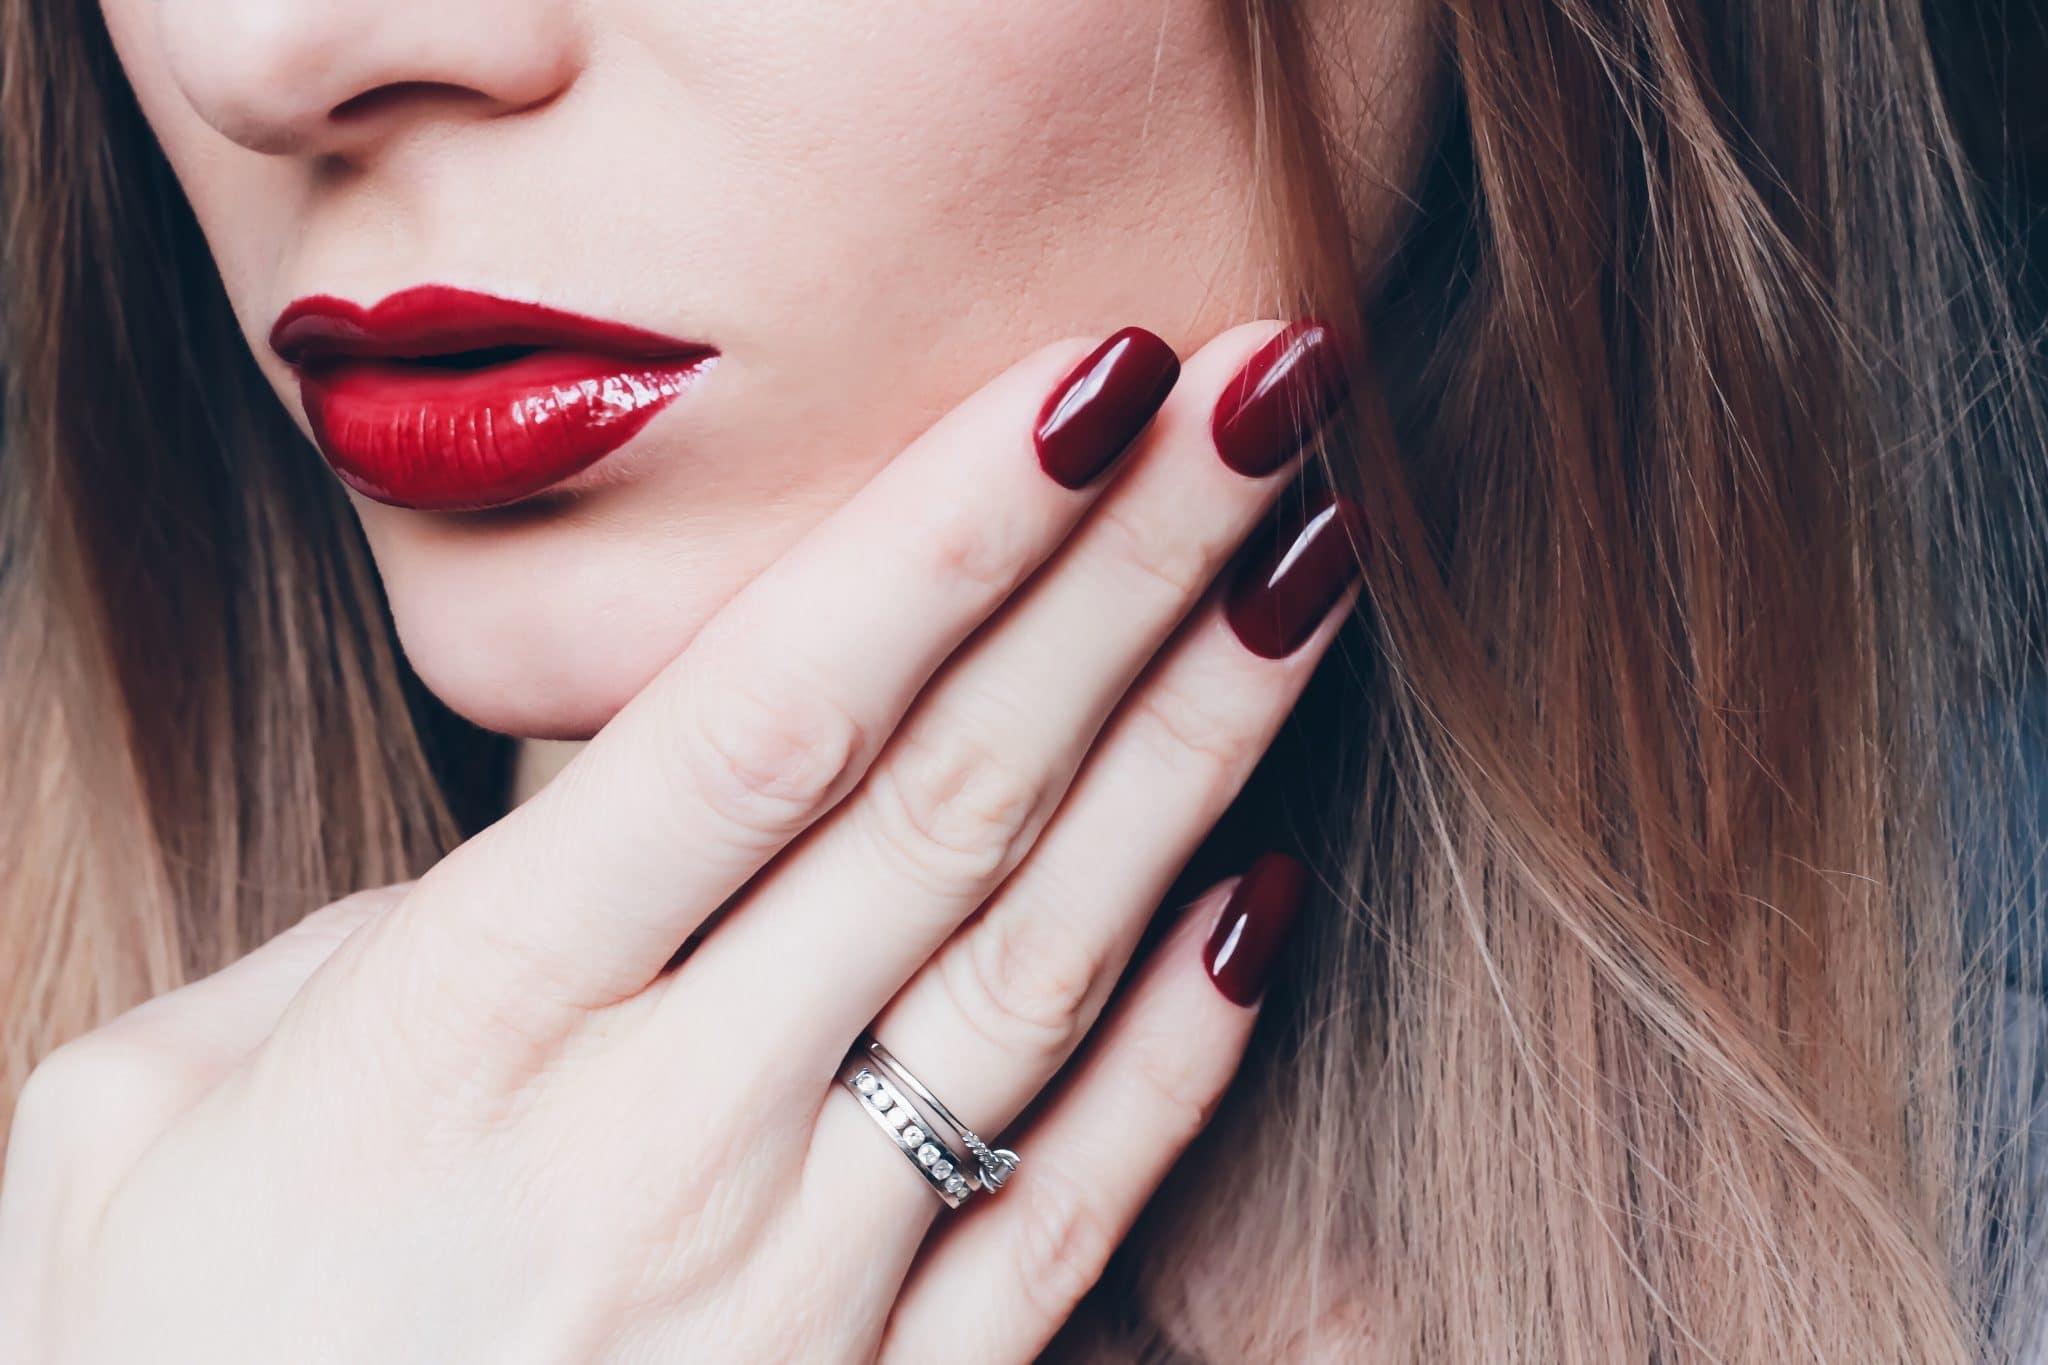 7 astuces pour faire tenir son rouge à lèvres toute la journée